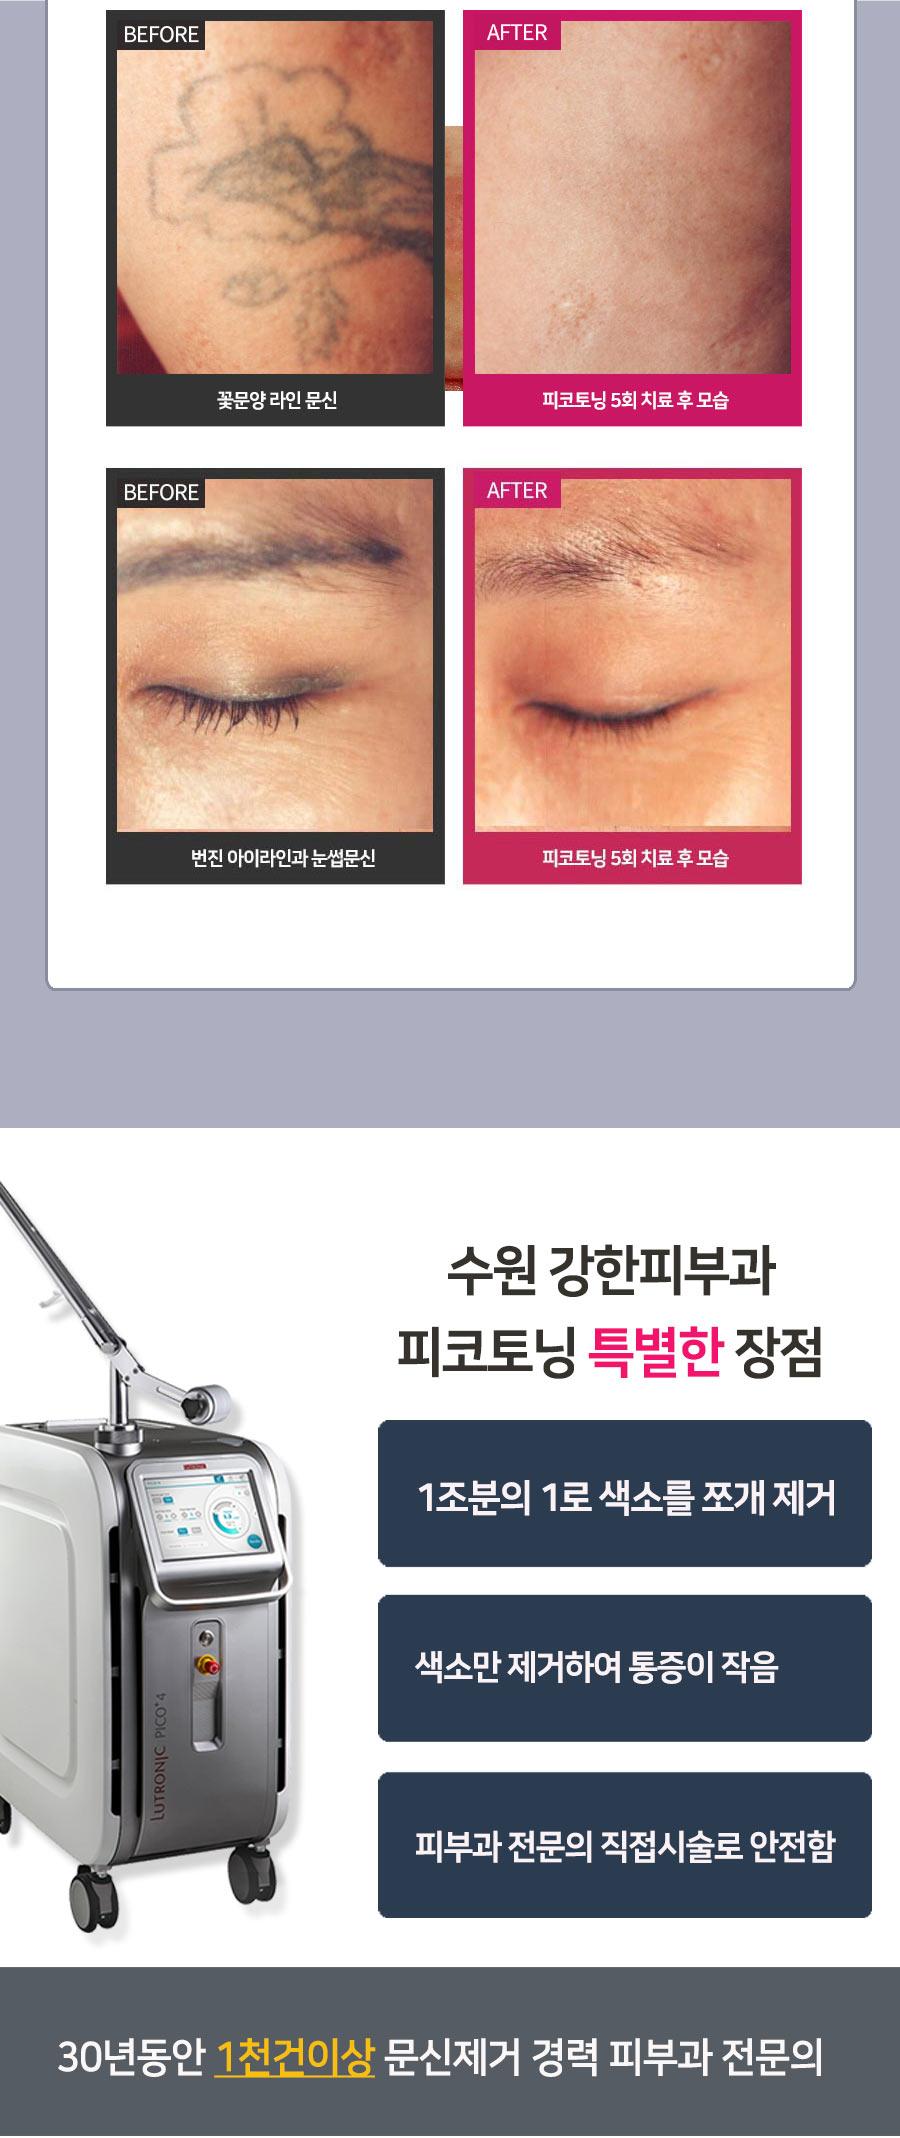 수원 문신제거 전후사진